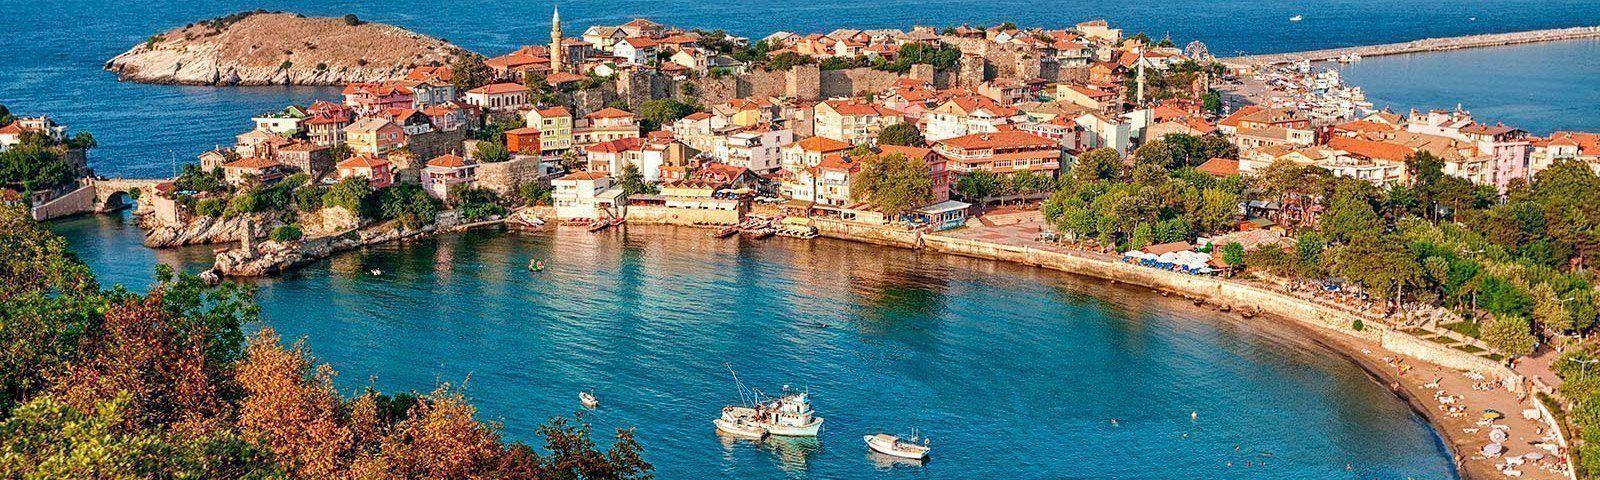 viaje-goleta-turquia-coast-town